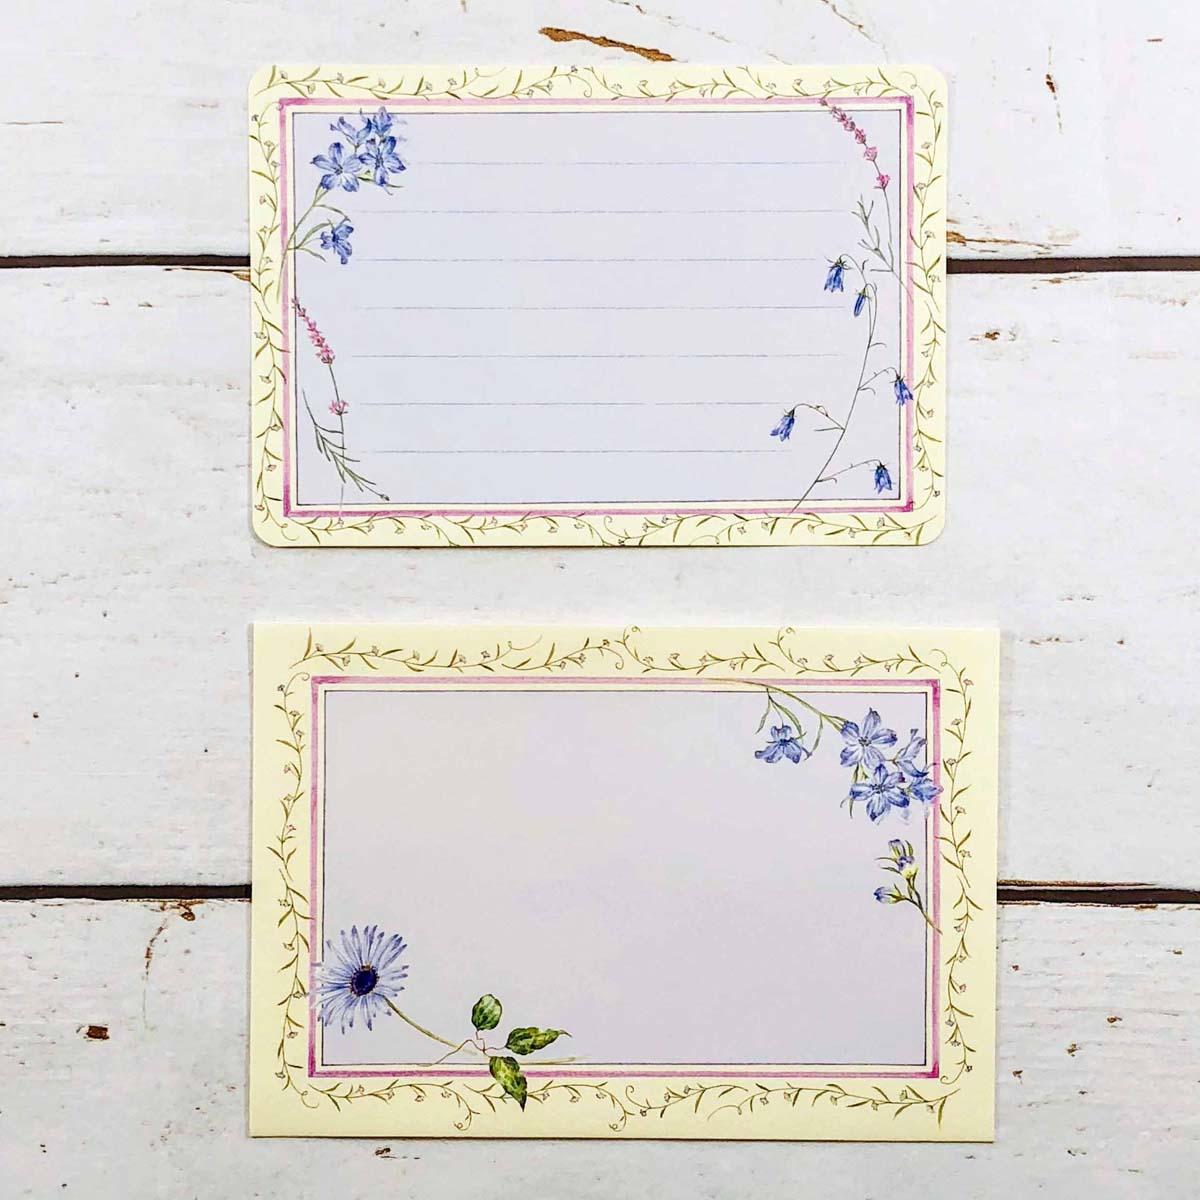 ミニレターセット ブルーの花|mls-008